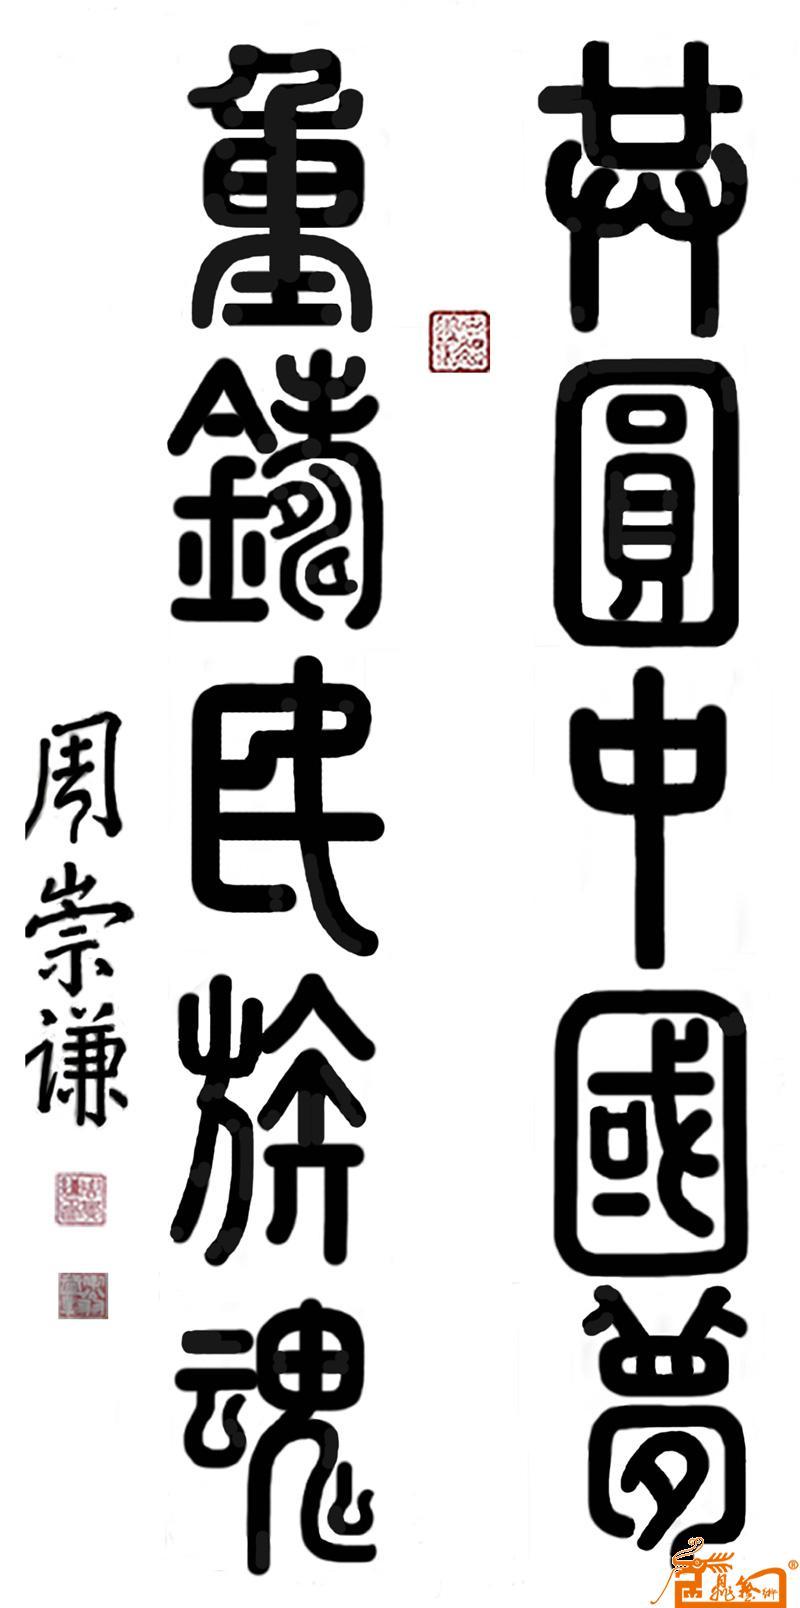 名家 周崇谦 书法 - 共圆中国梦